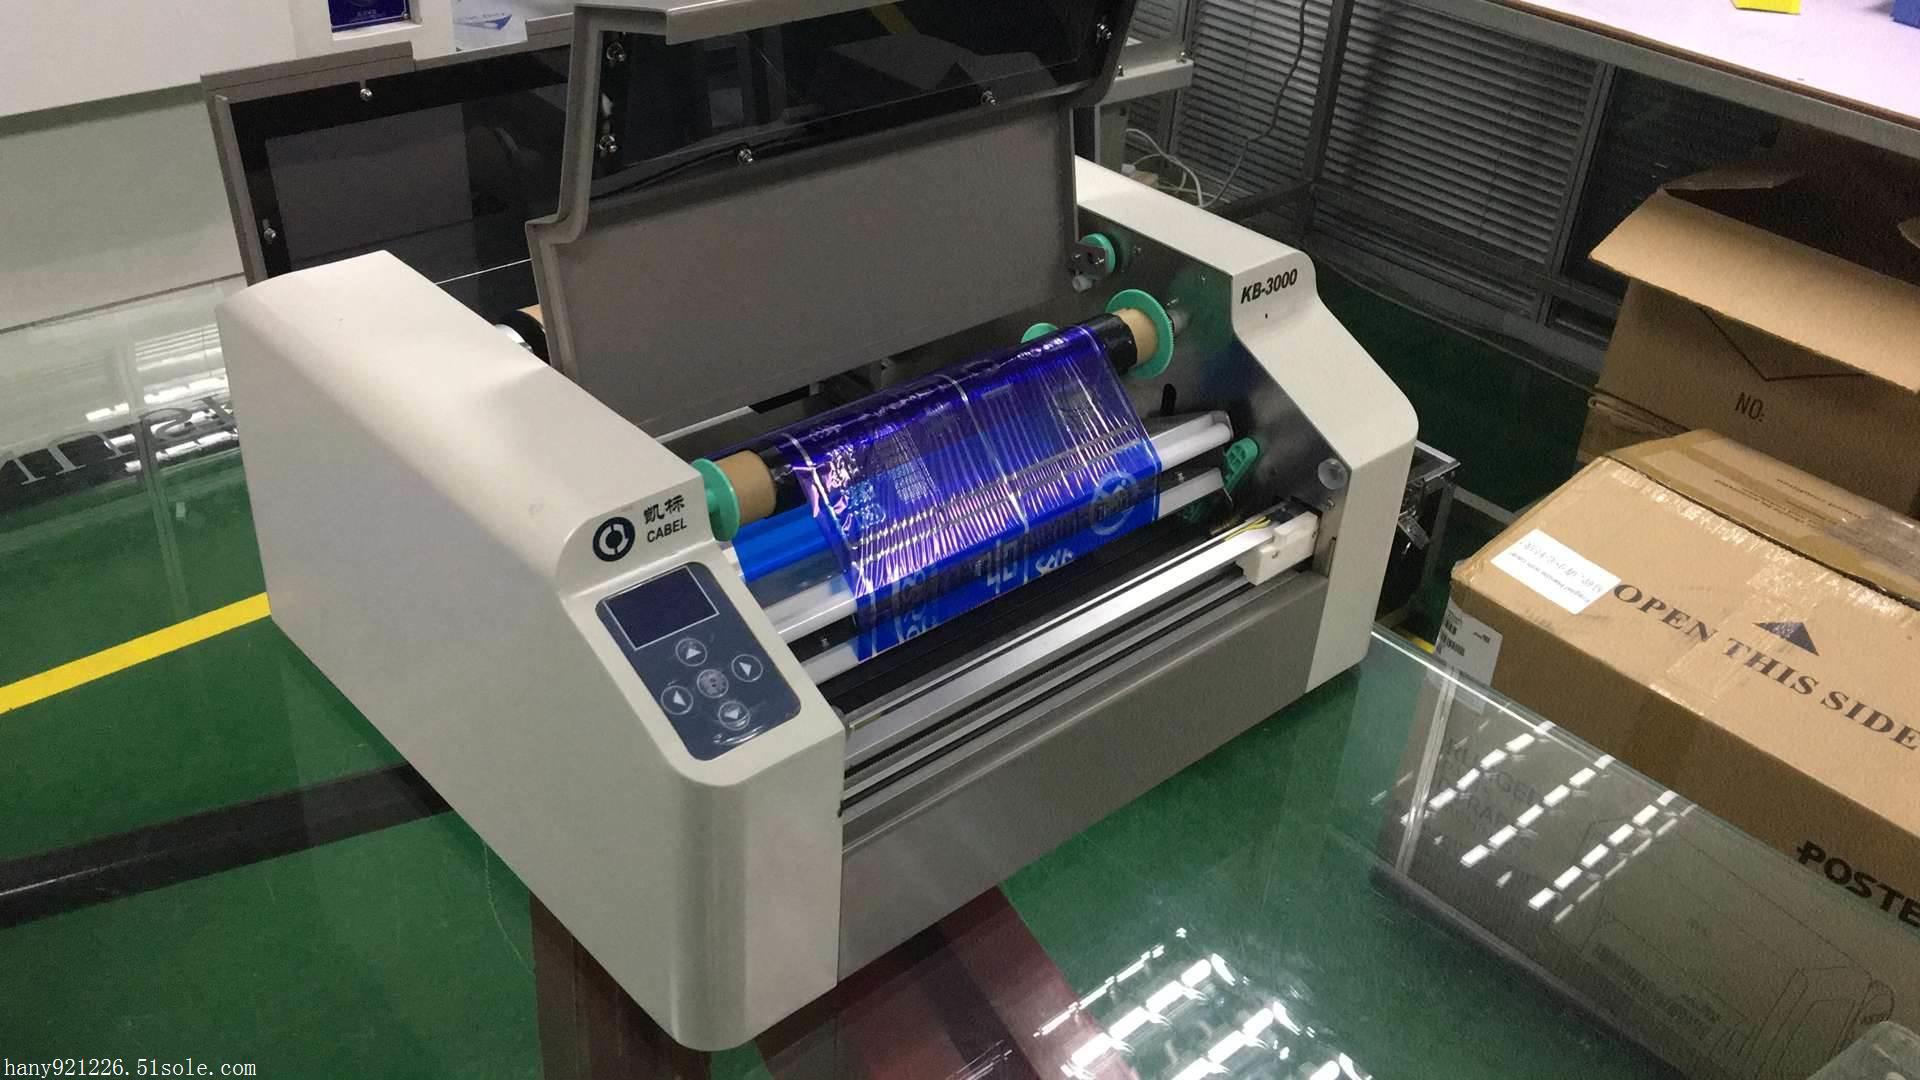 凯标宽幅标识牌打印机?凯标KB-3000